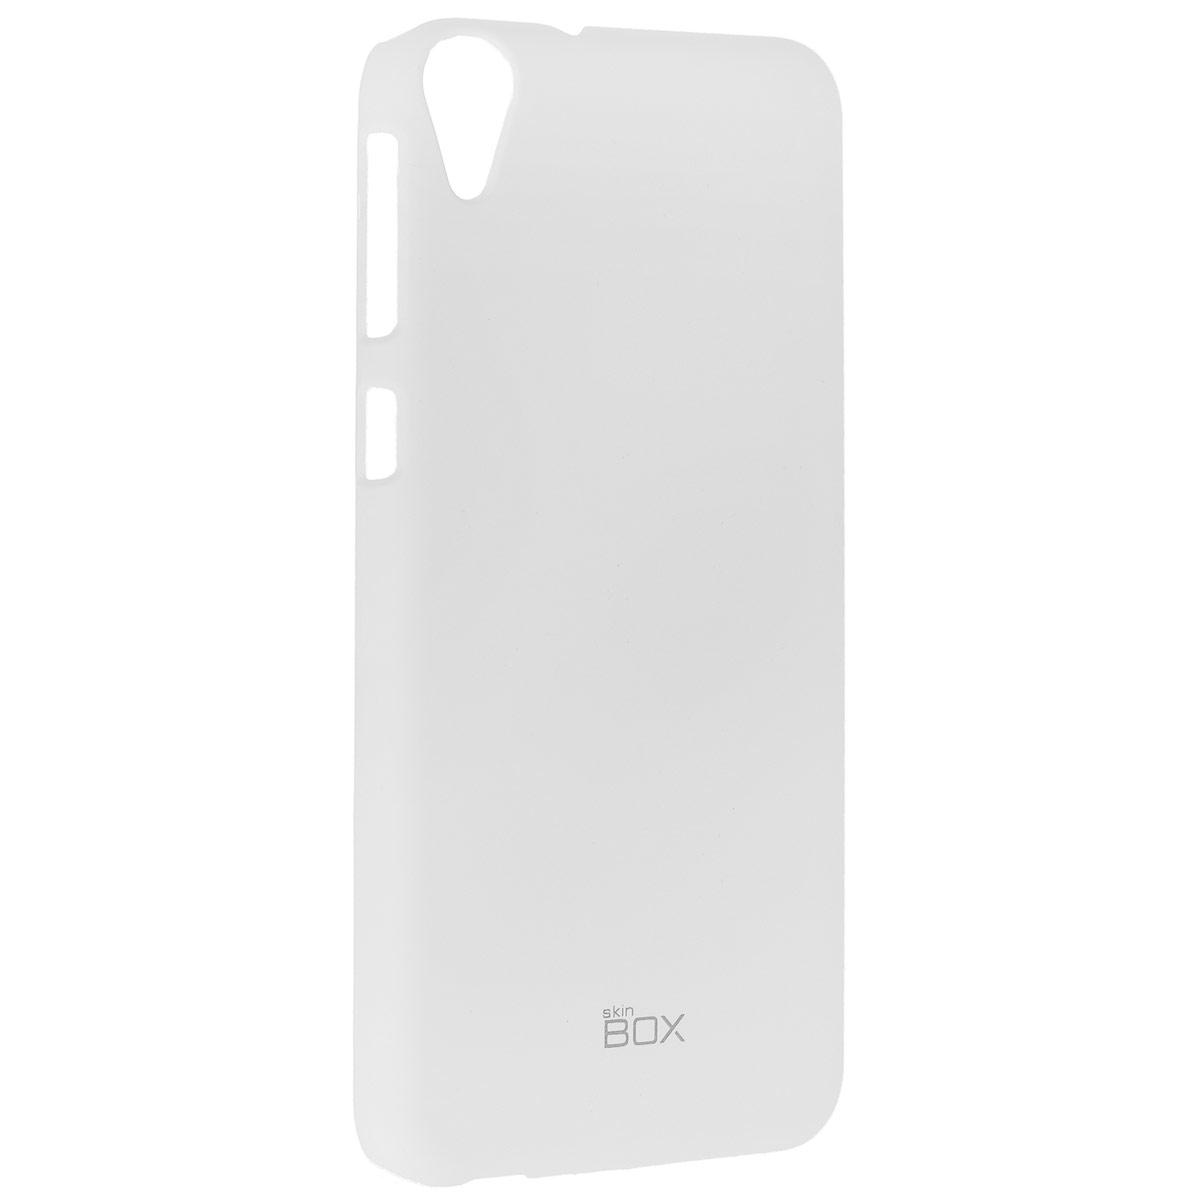 Skinbox Shield 4People чехол для HTC Desire 820, WhiteT-S-HD820-002Чехол Skinbox Shield 4People для HTC Desire 820 предназначен для защиты корпуса смартфона от механических повреждений и царапин в процессе эксплуатации. Имеется свободный доступ ко всем разъемам и кнопкам устройства. В комплект также входит защитная пленка на экран телефона.